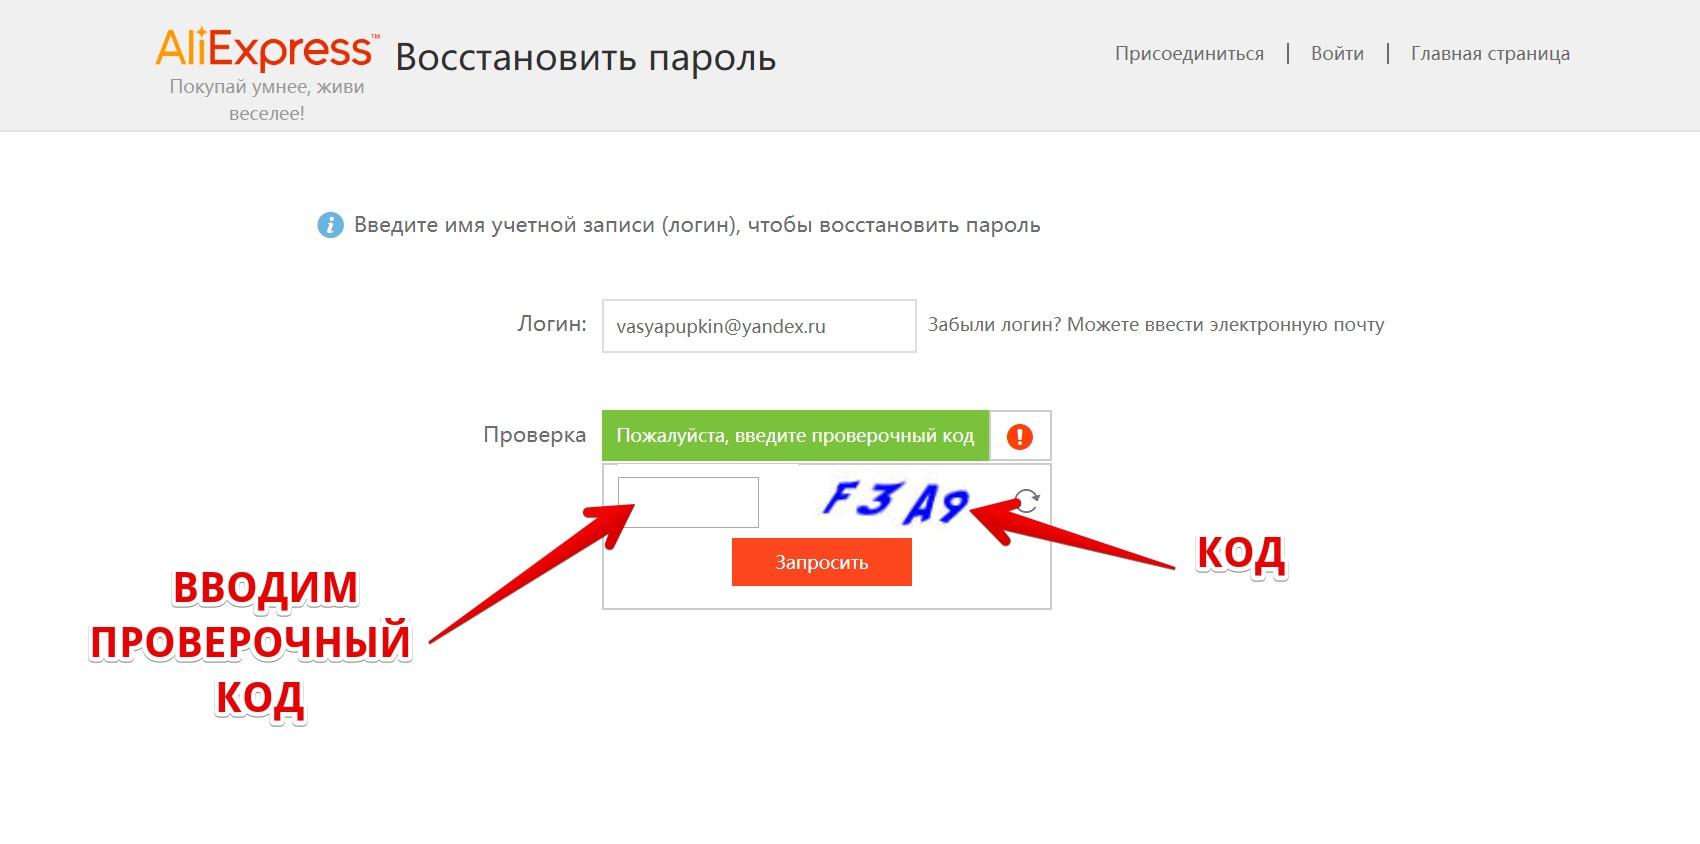 Проверочный код для восстановления пароля на алиэкспресс